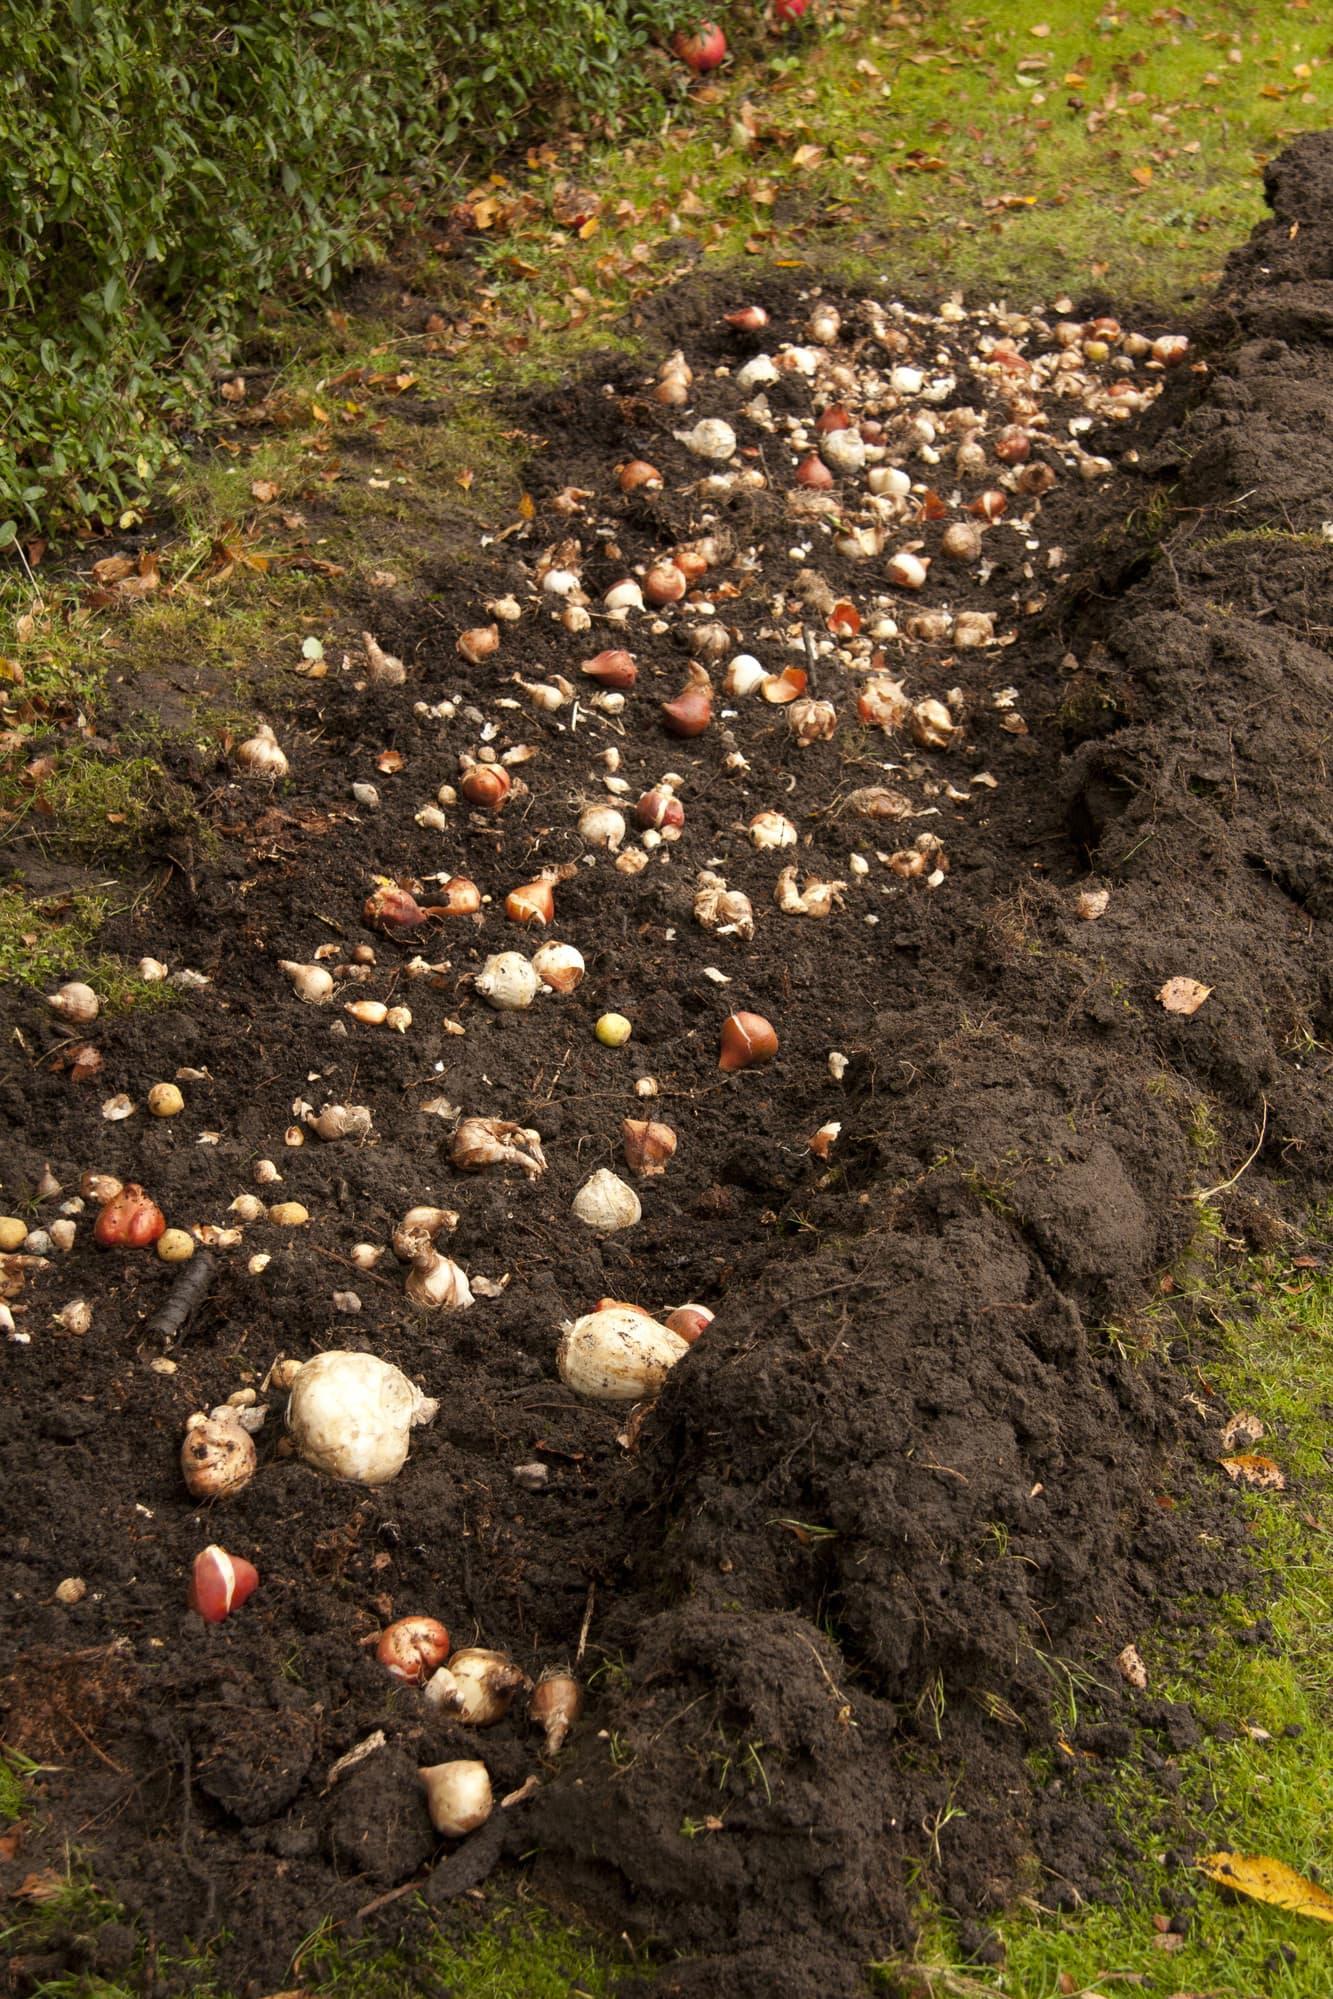 Sprid ut lökarna över ytan. De får gärna ligga tätt, men bör inte röra vid varandra. Stora lökar måste grävas ner medan smålökarna sprids ovanpå den luckrade jorden.